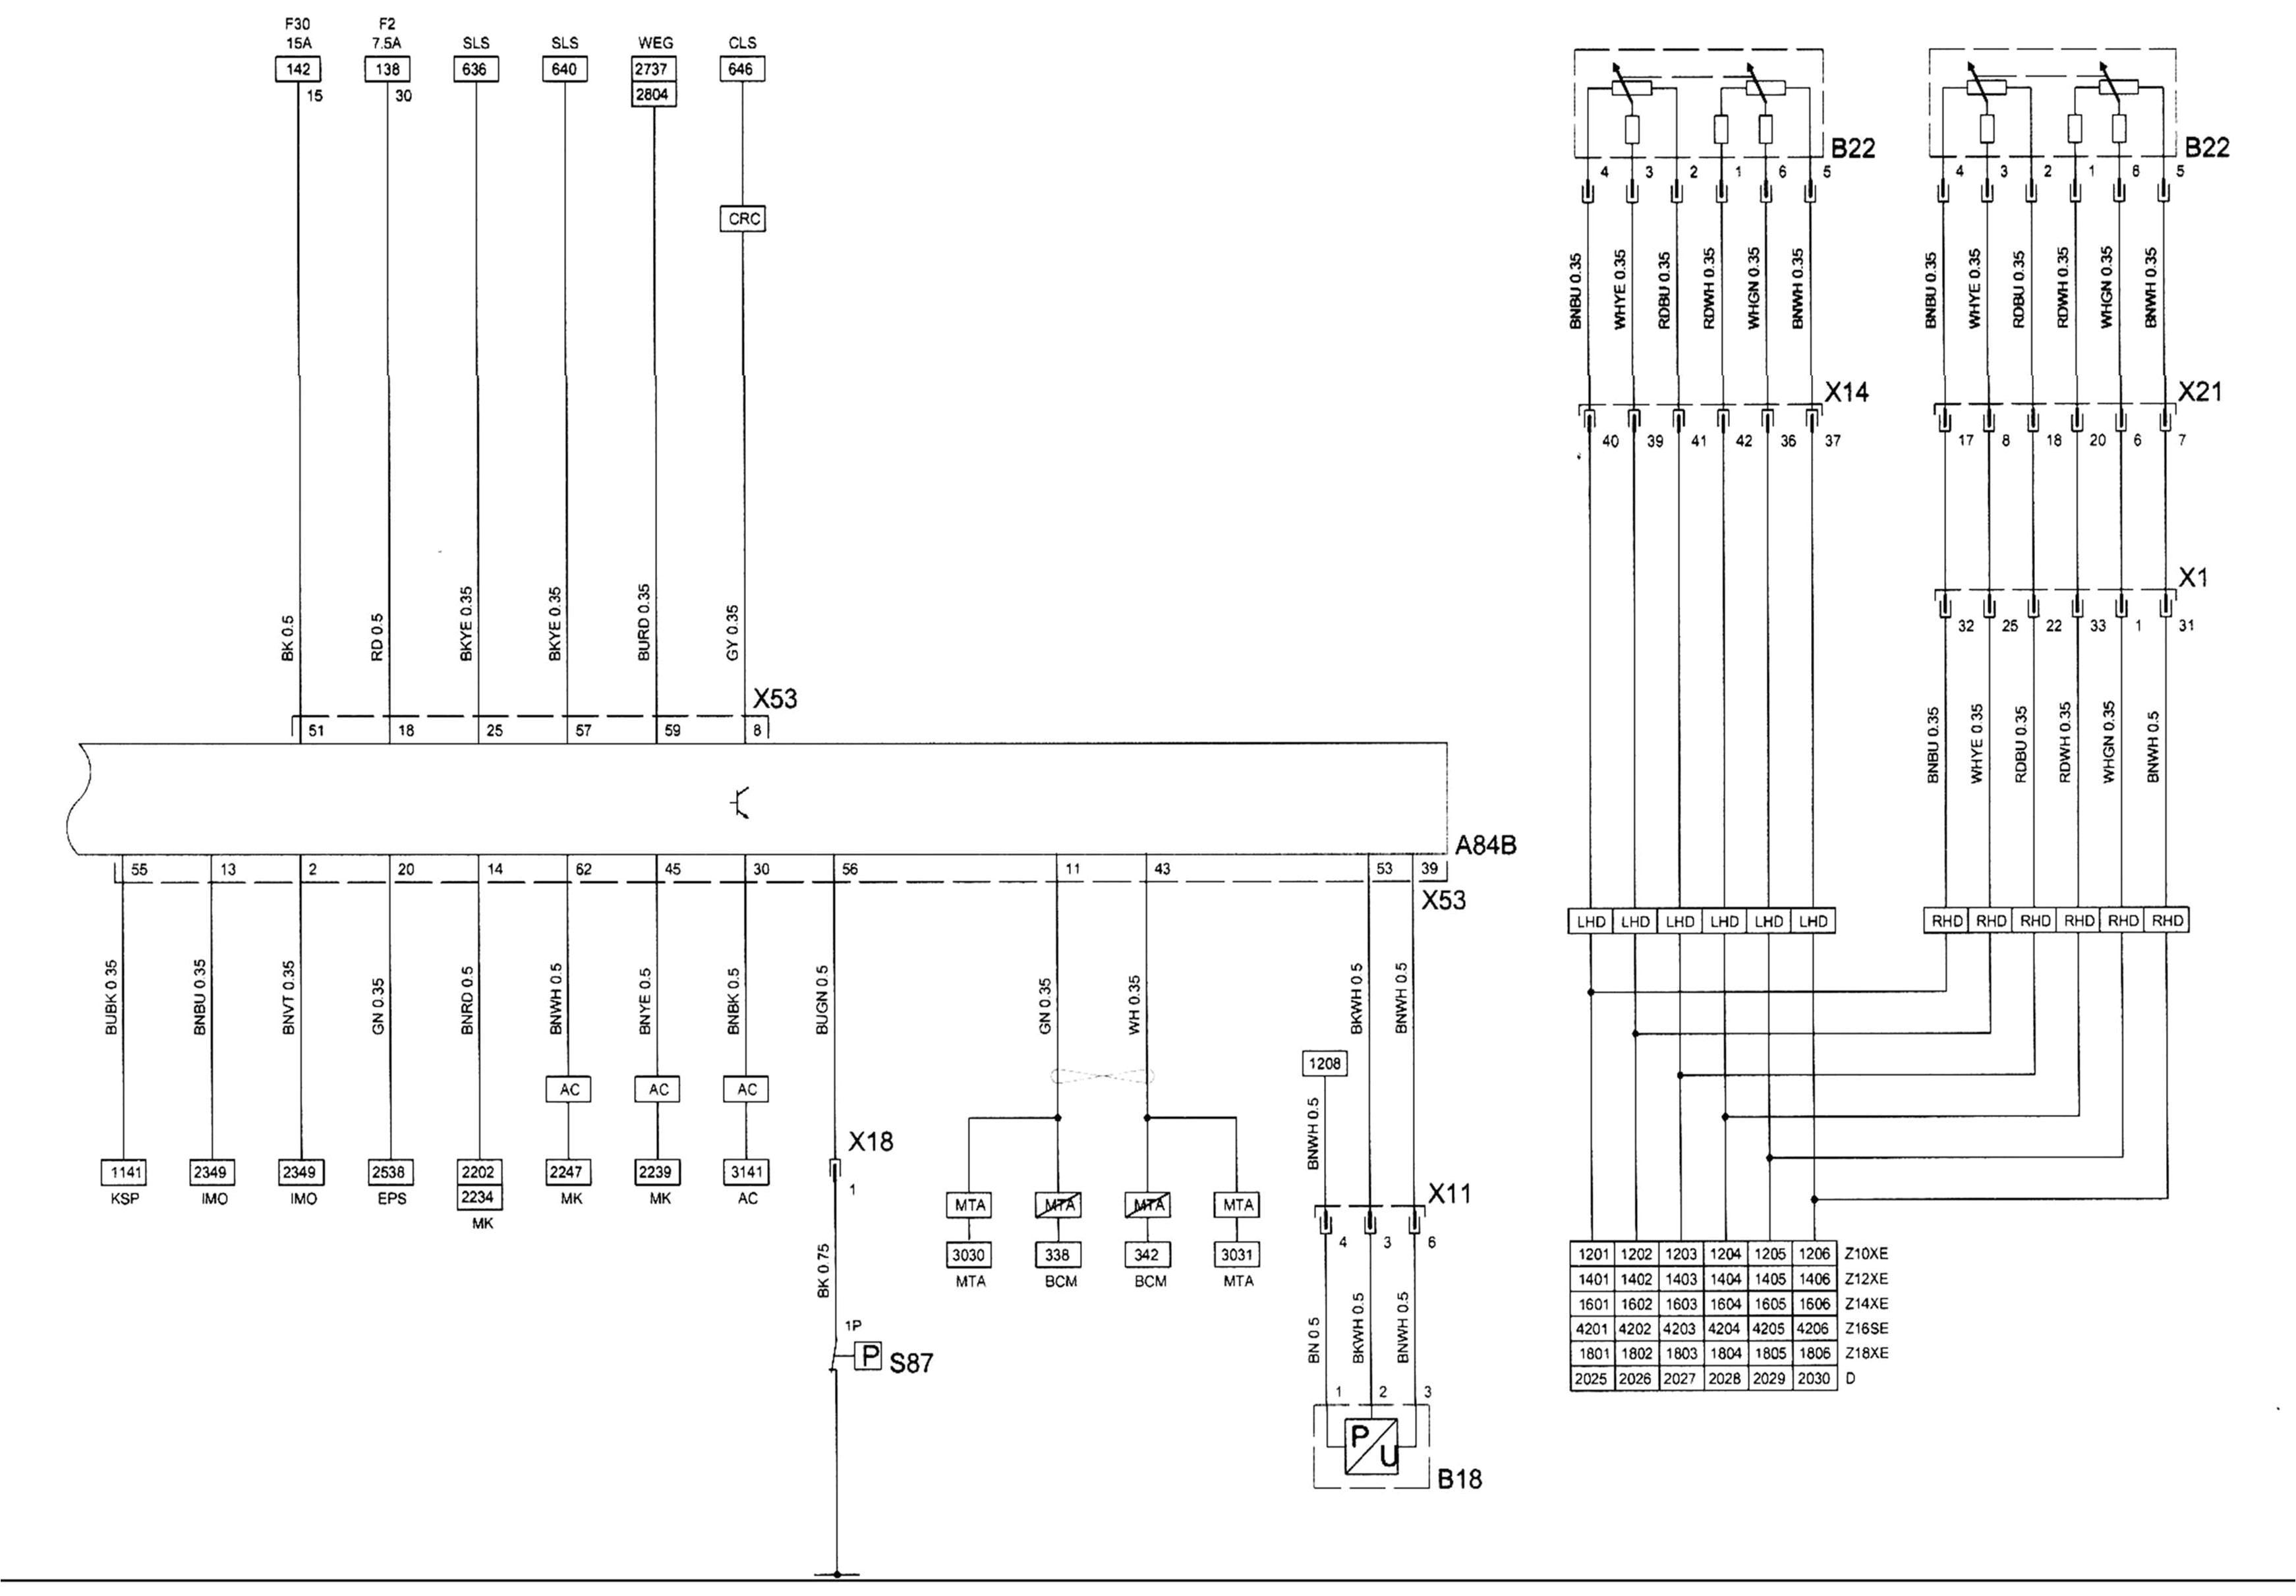 corsa c circuit diagram wiring diagram tagscorsa c interior light wiring diagram wiring diagram query corsa